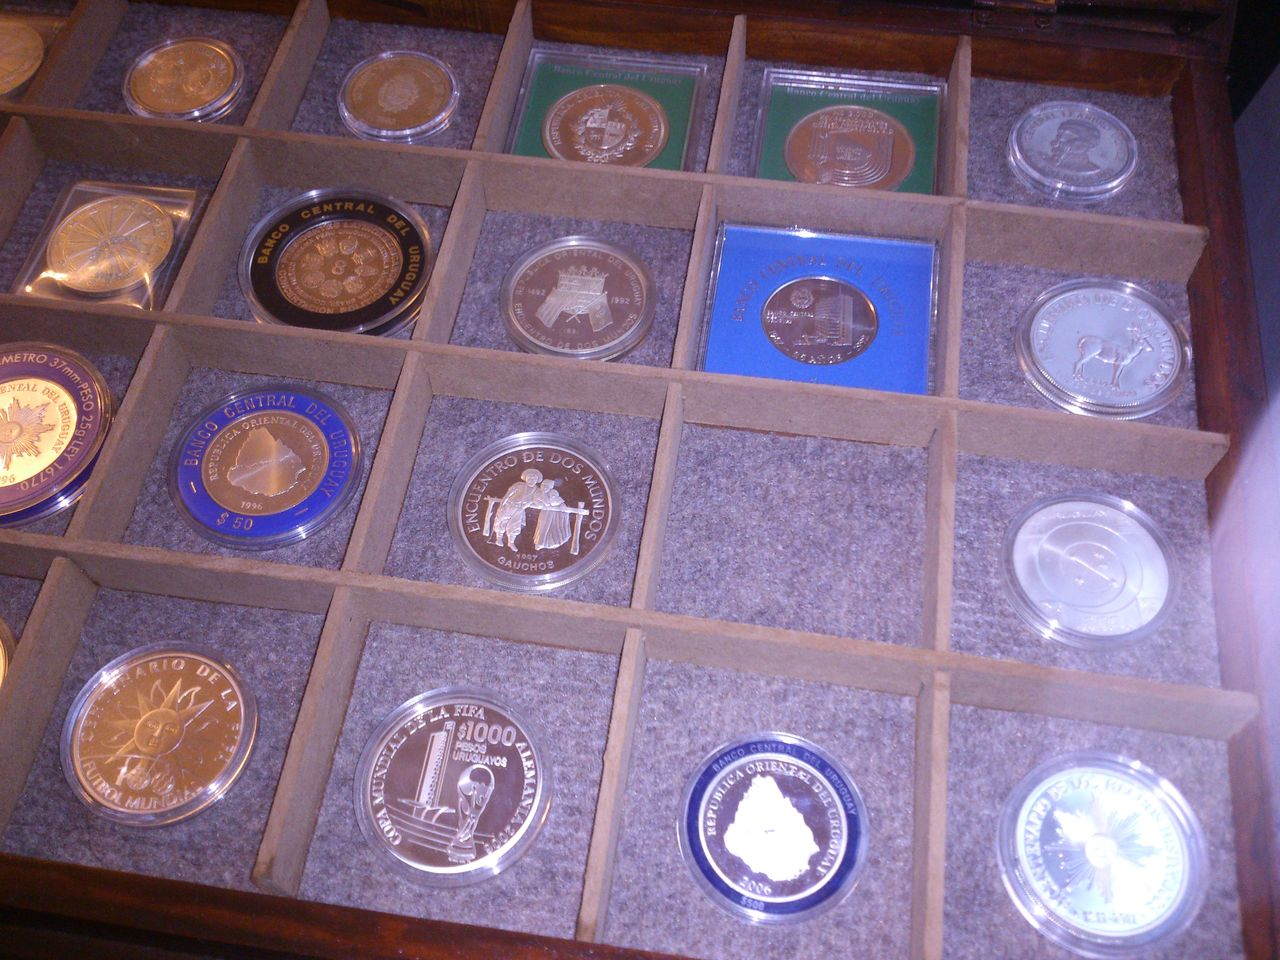 Monedas conmemorativas de Uruguay acuñadas en plata 1961 - Presente. IMG_20150905_WA0010